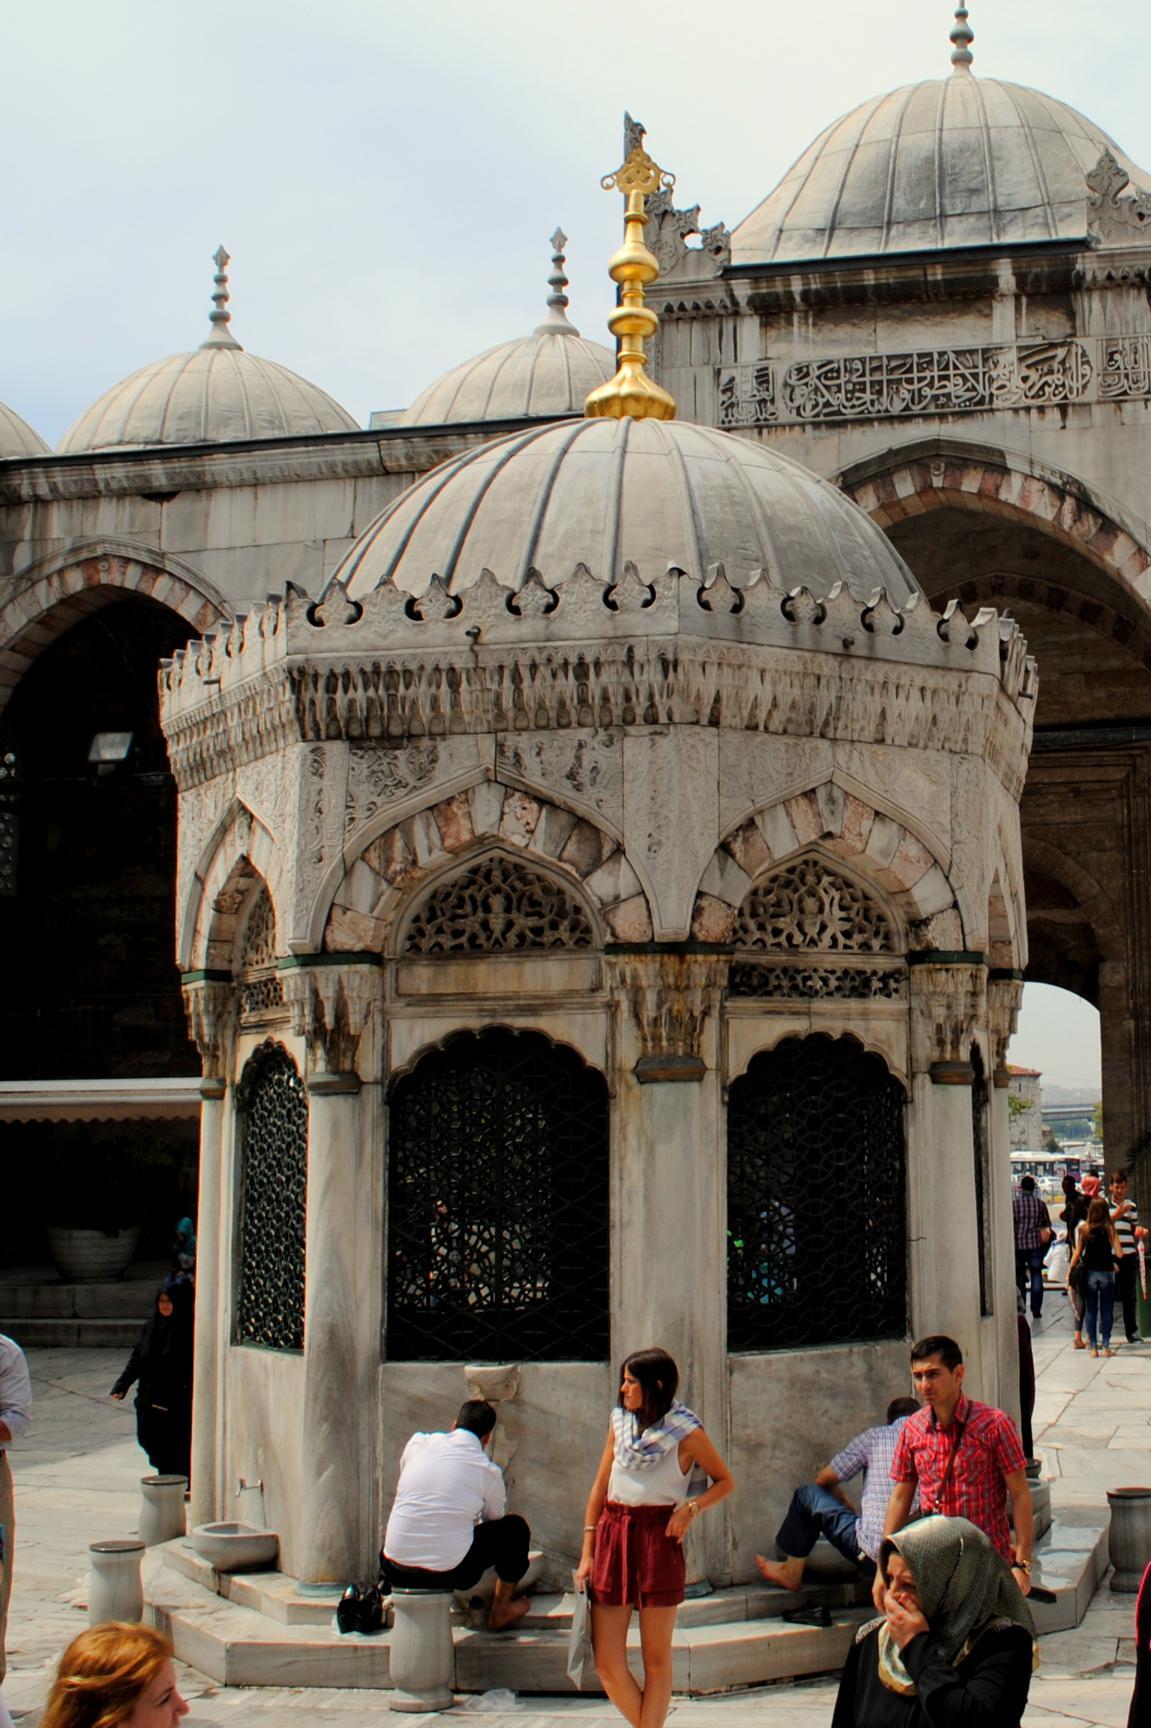 mezquita-yeni-7